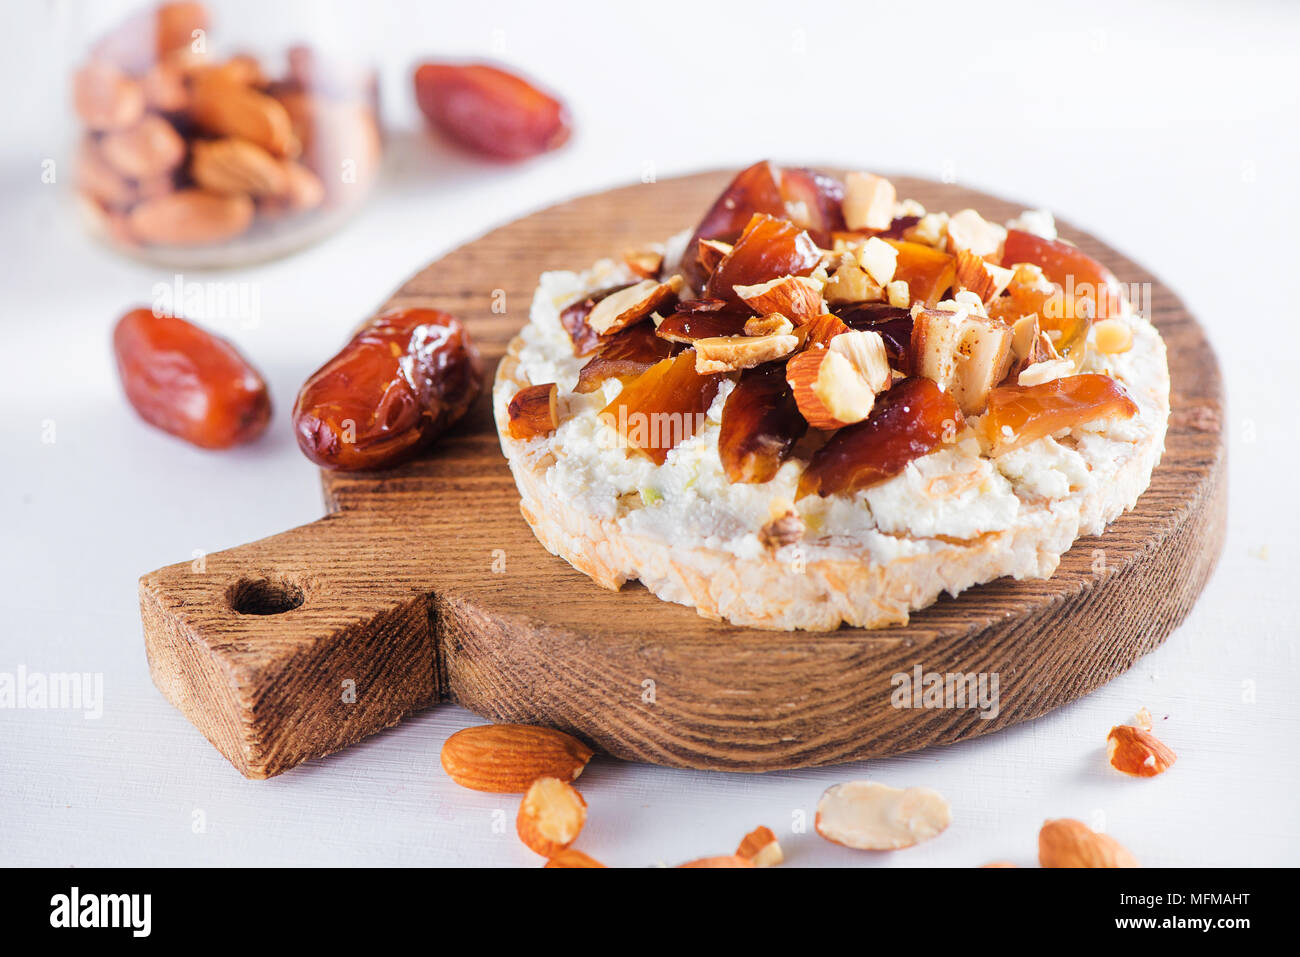 Refrigerio saludable con pan crujiente, fechas suave queso crema, almendras y nueces. Fácil desayuno de cerca en un fondo blanco con espacio de copia. Imagen De Stock